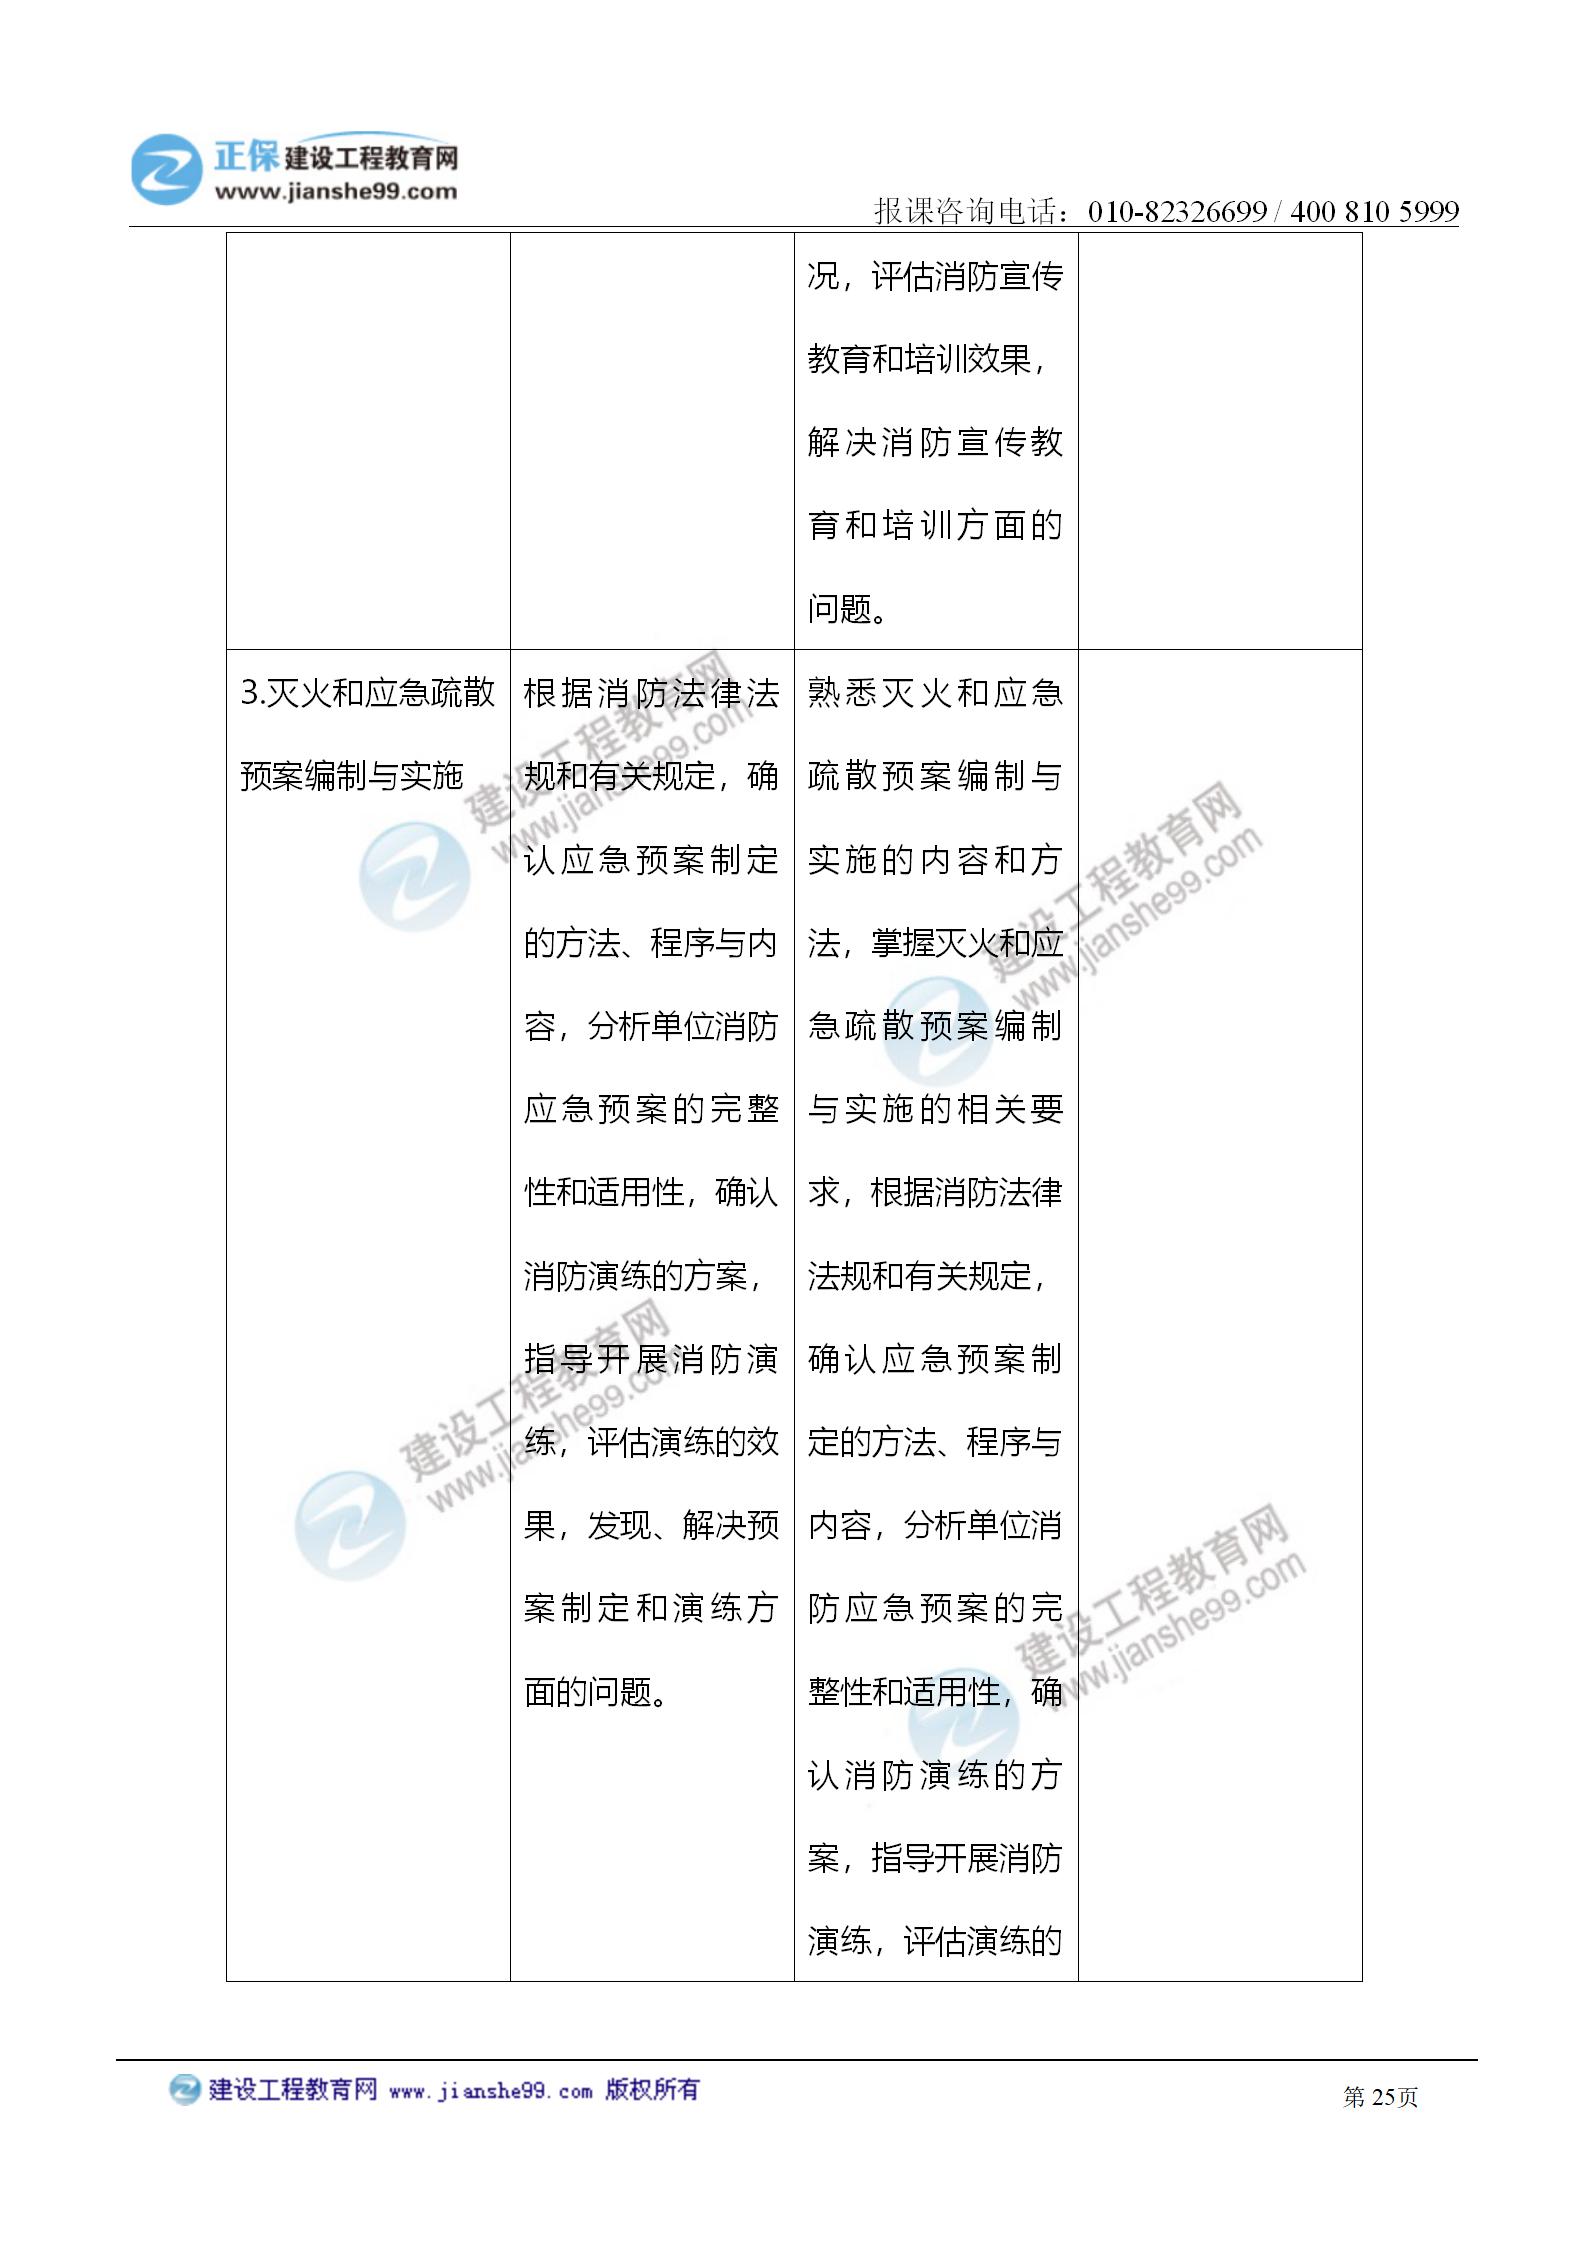 2021注册消防工程师《综合能力》考试大纲变化情况_25